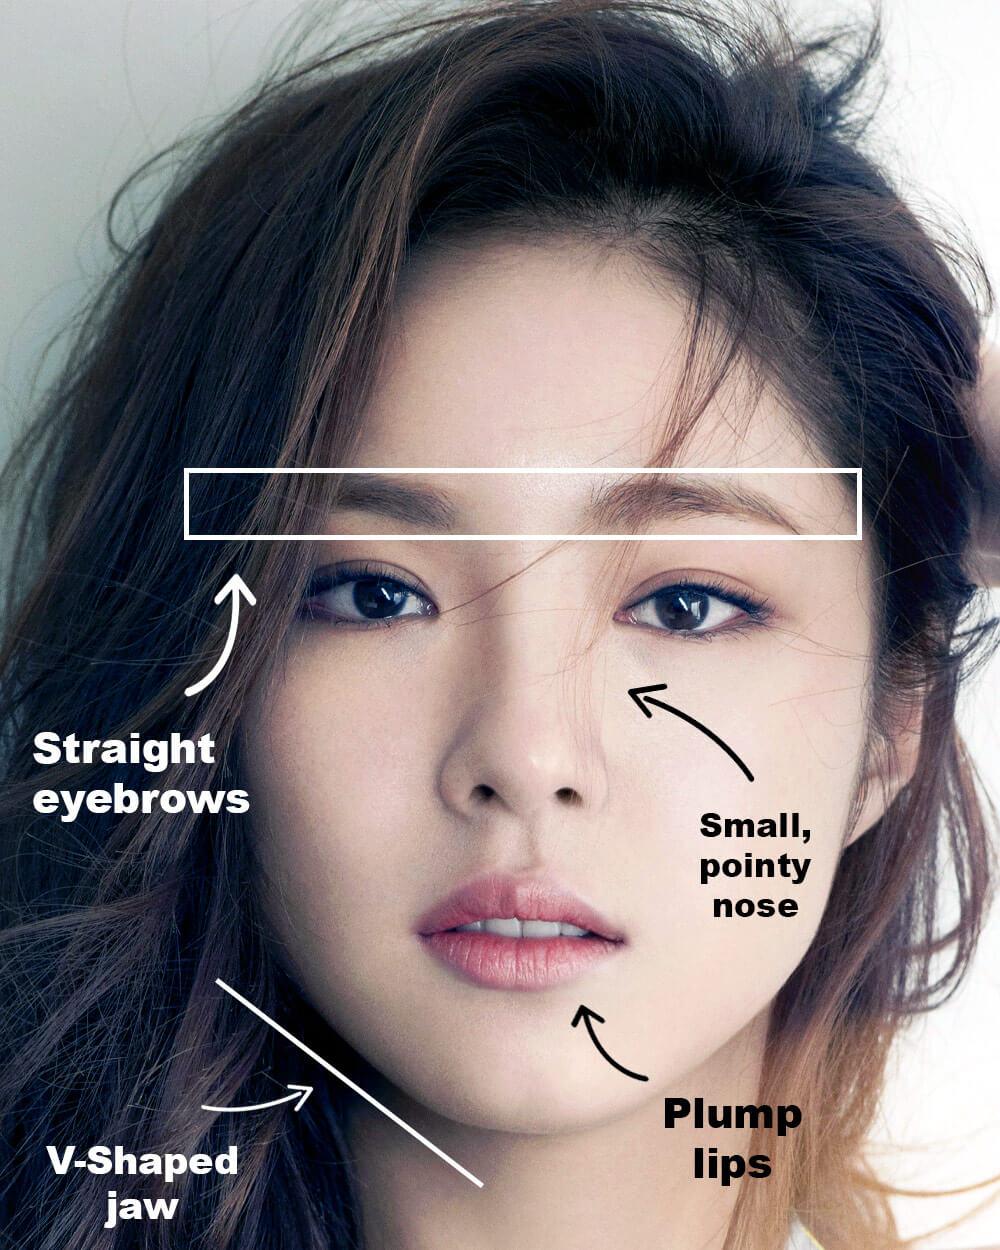 Korean beauty standards for face